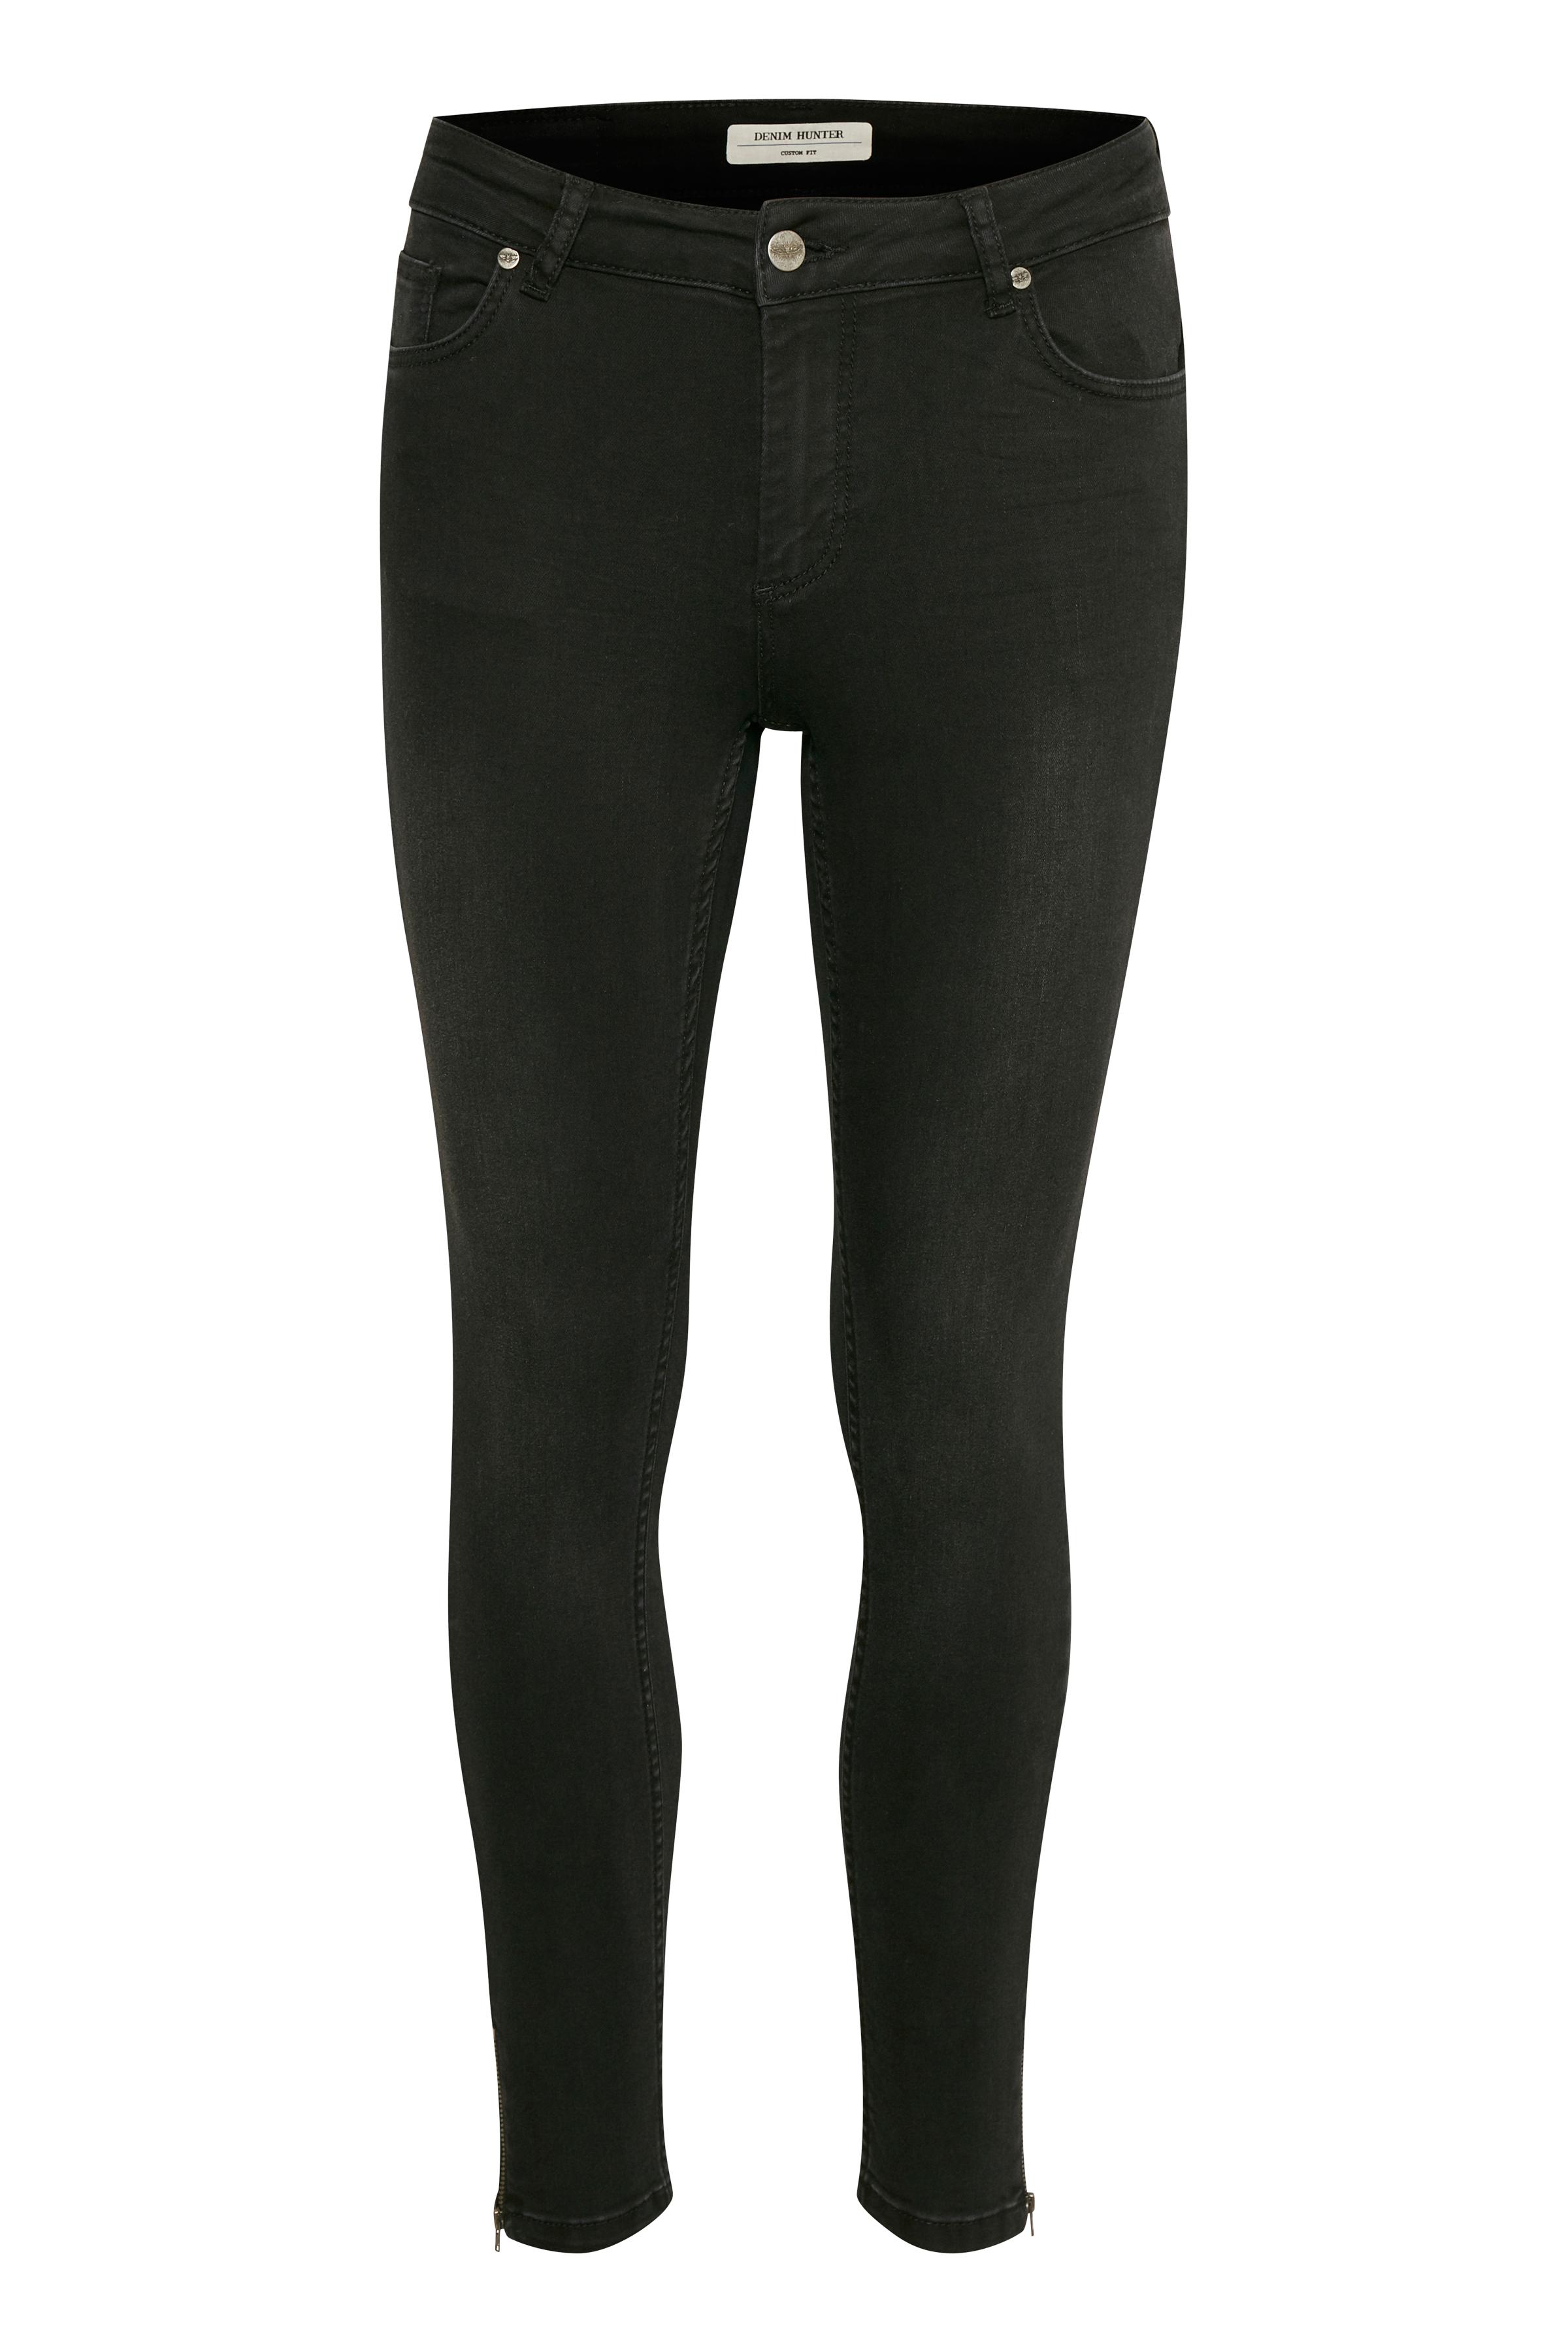 Image of Denim Hunter Dame Normal pasform denim jeans - Black Washed